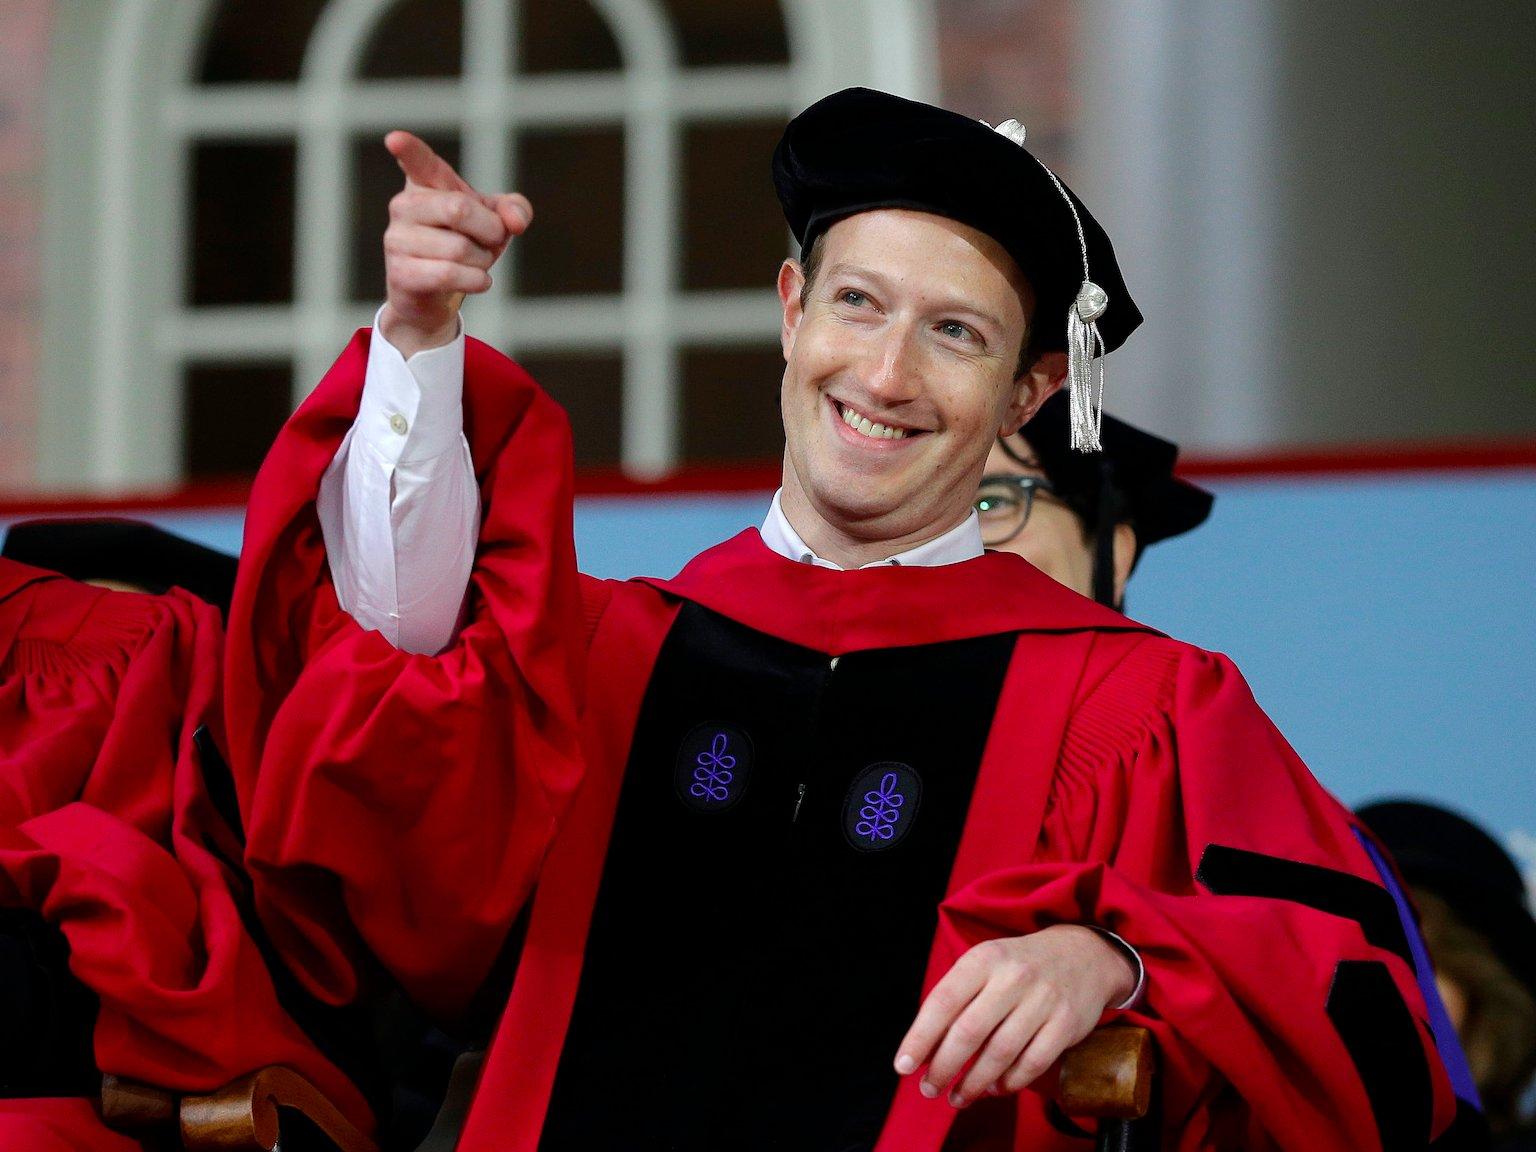 A Facebook alapítója tiszteletbeli diplomát kapott a Harvardon